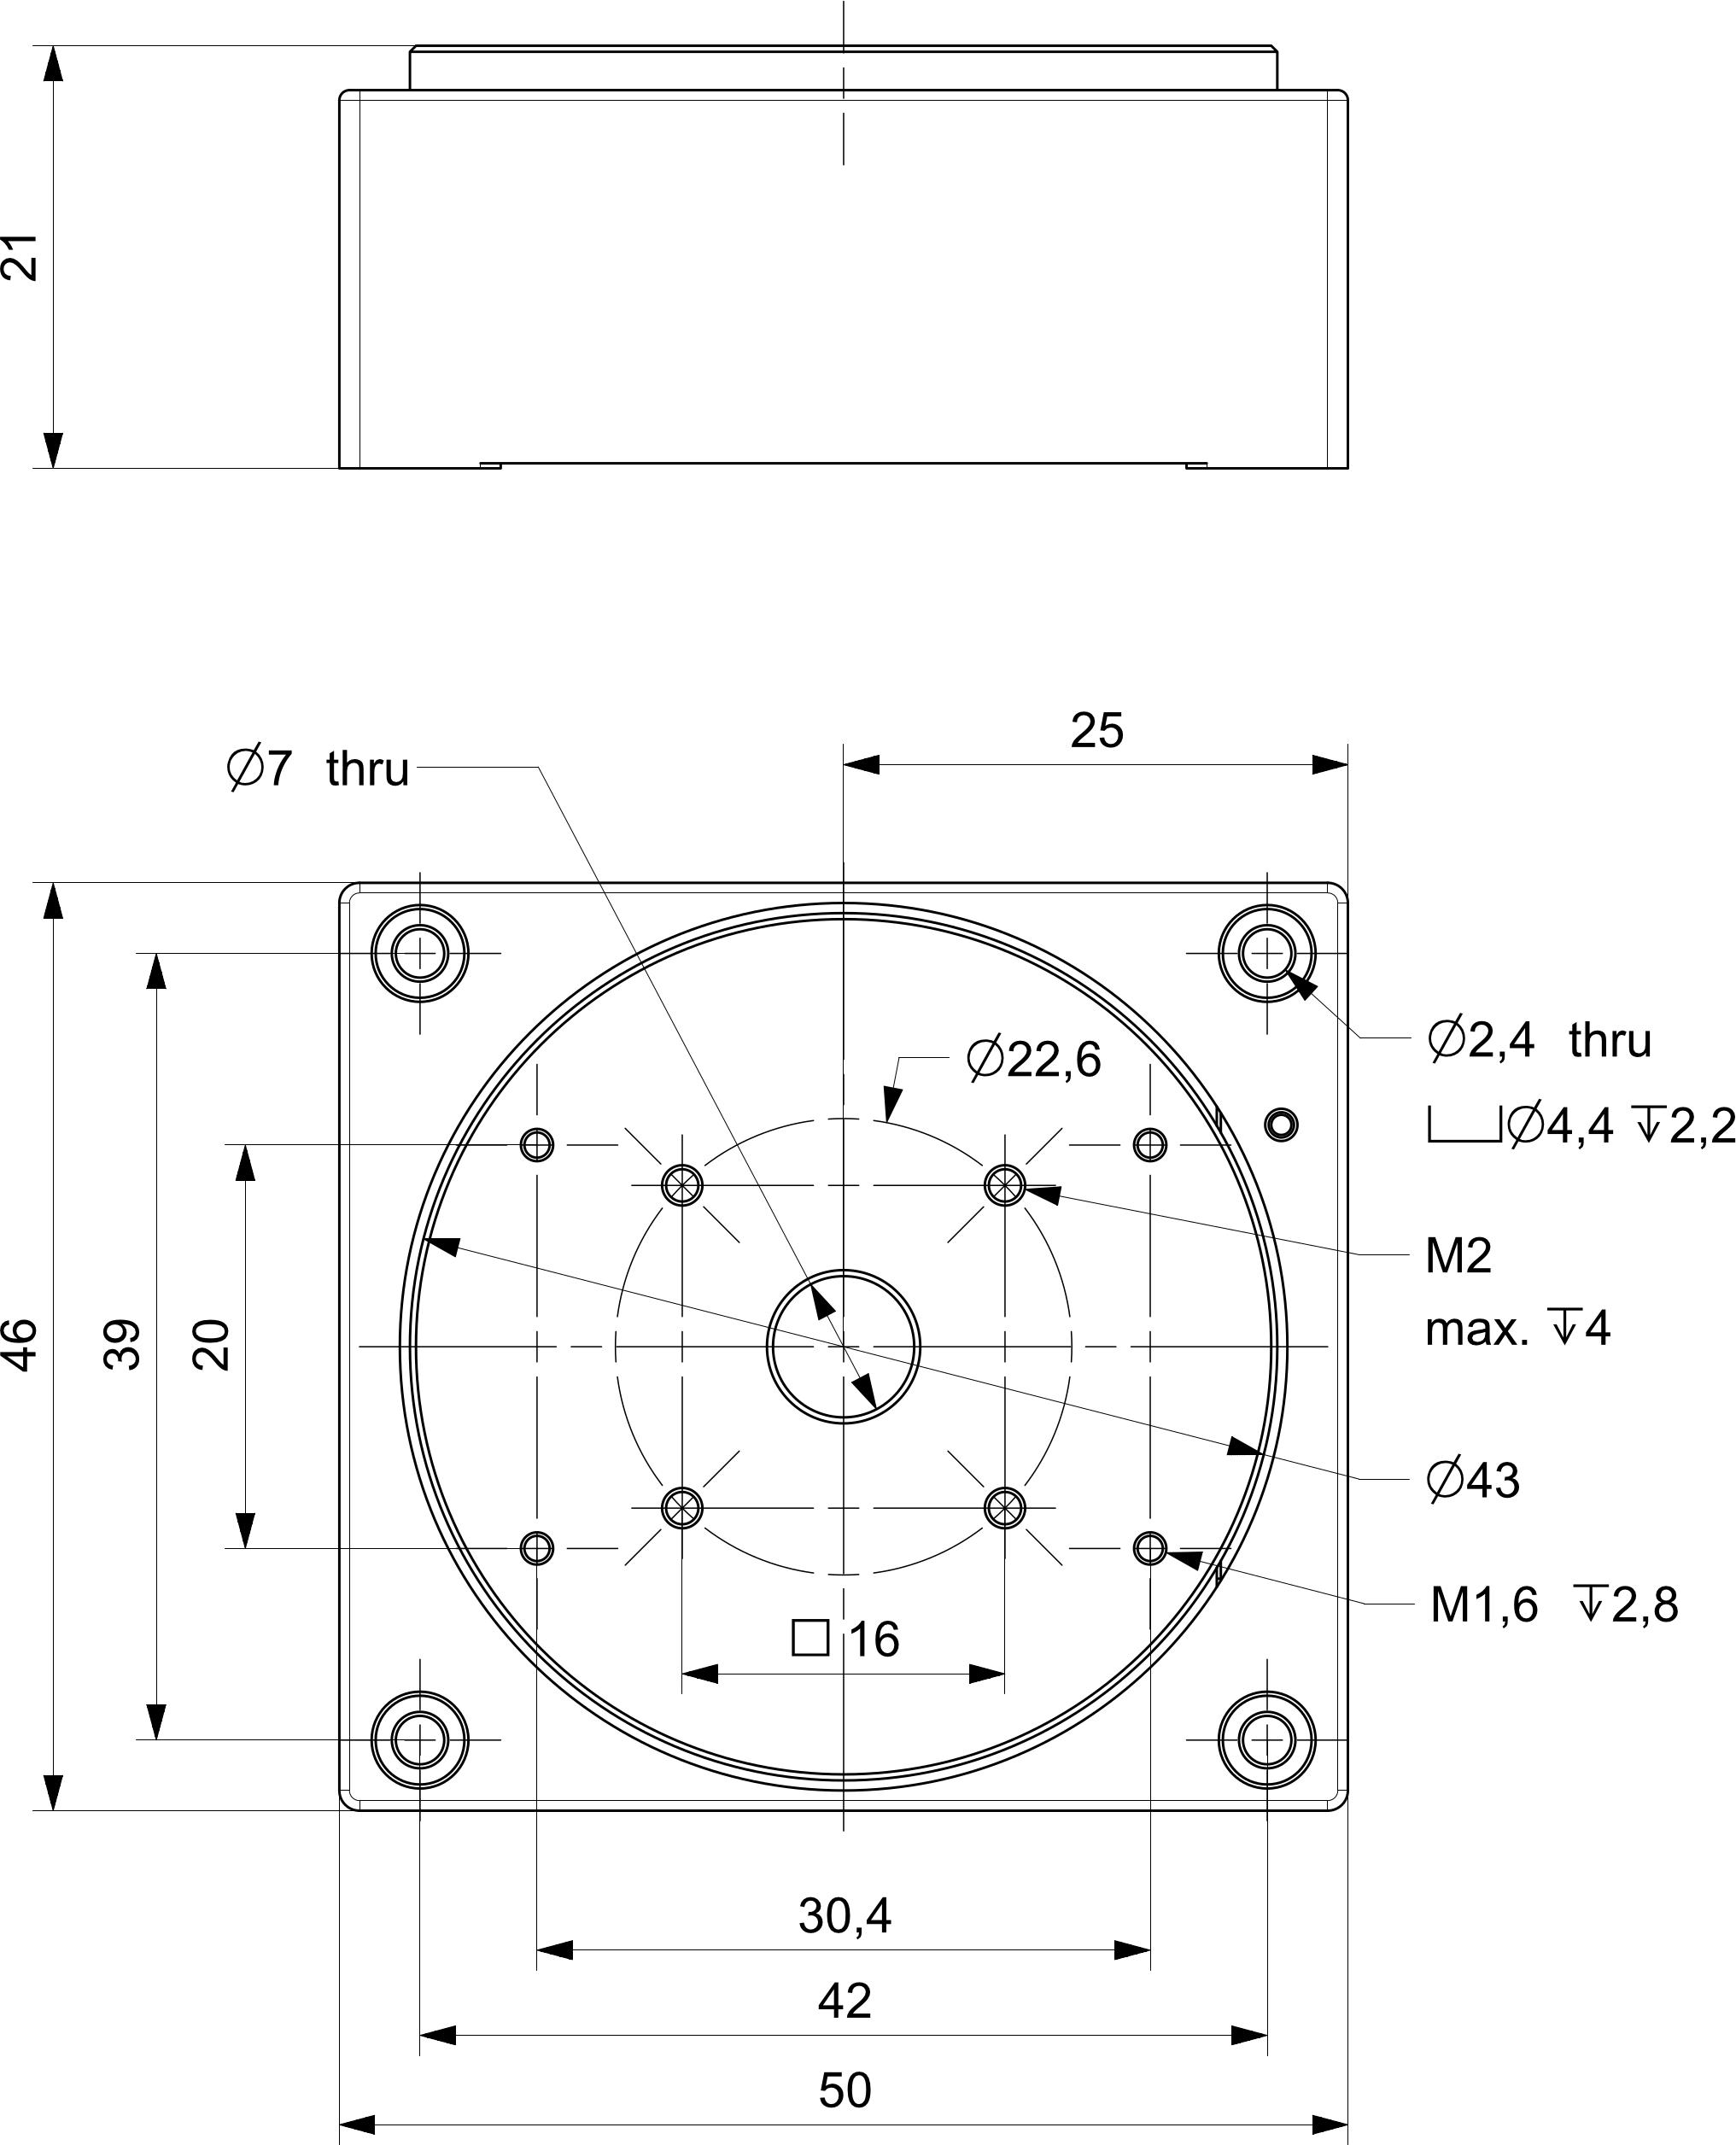 xrt-u 40 rotation stage dimensions